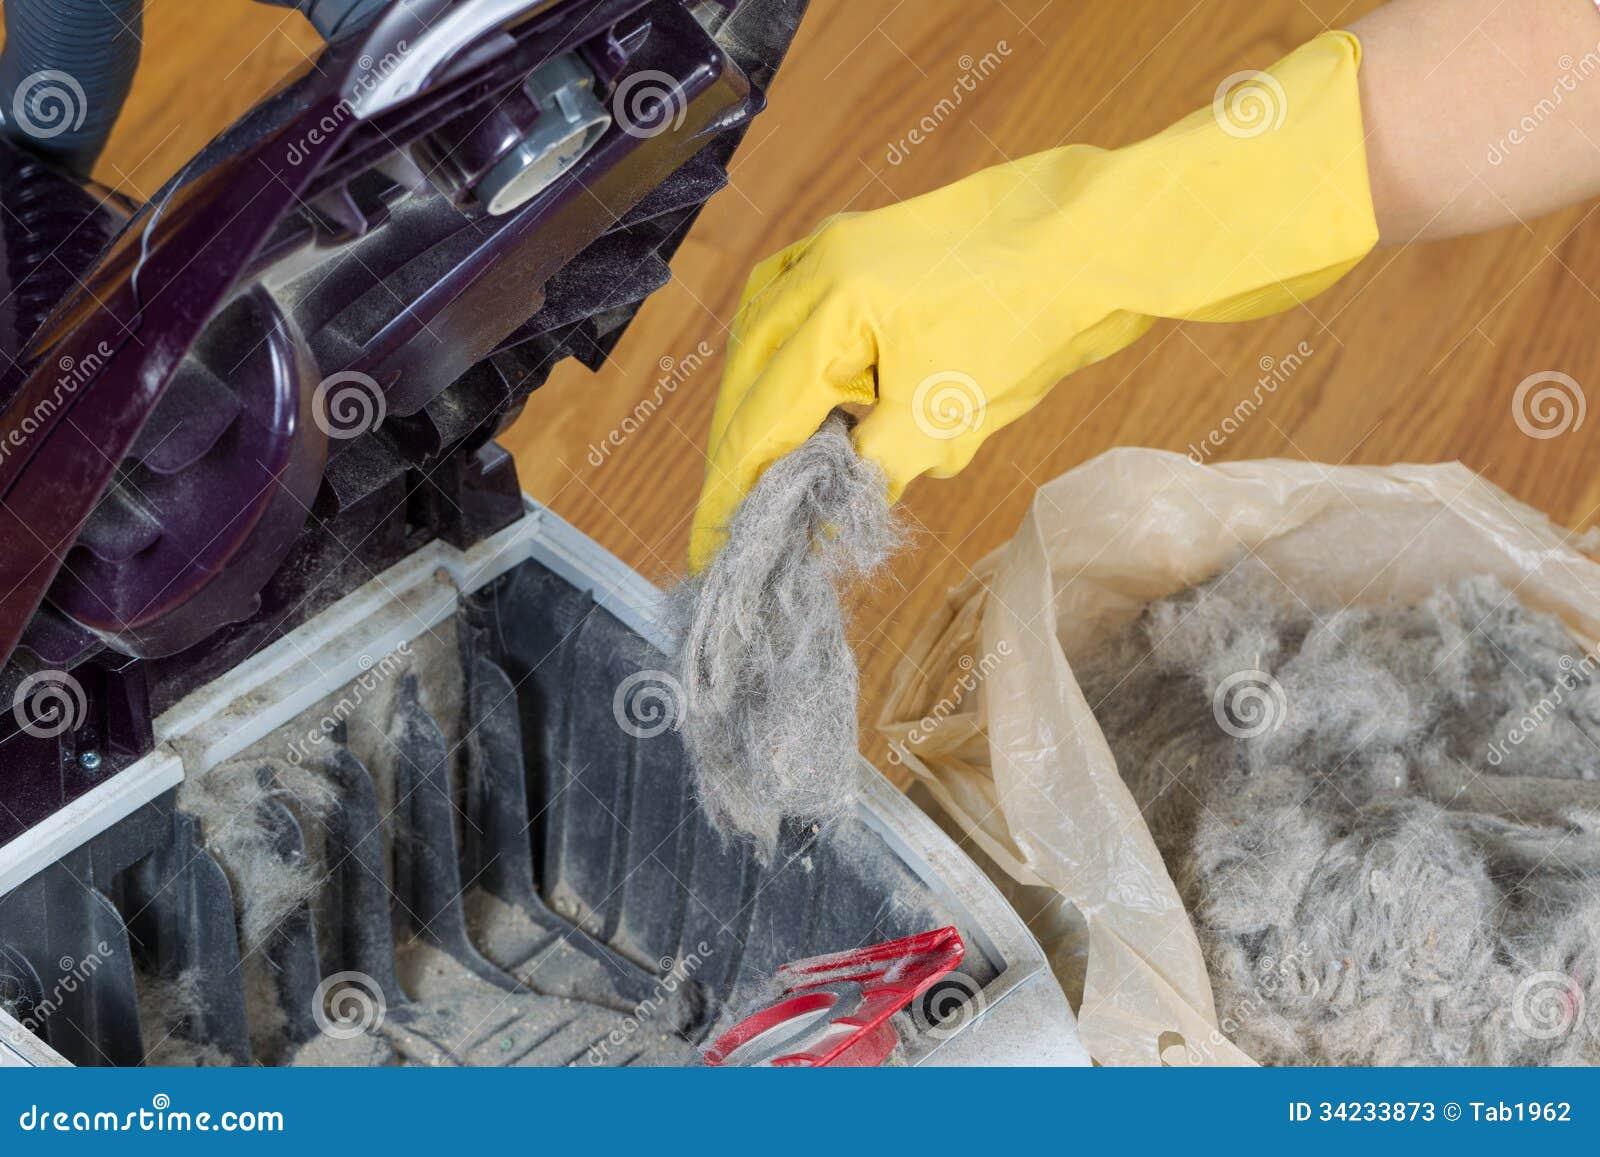 Esvaziando o aspirador de p30 no saco de plástico